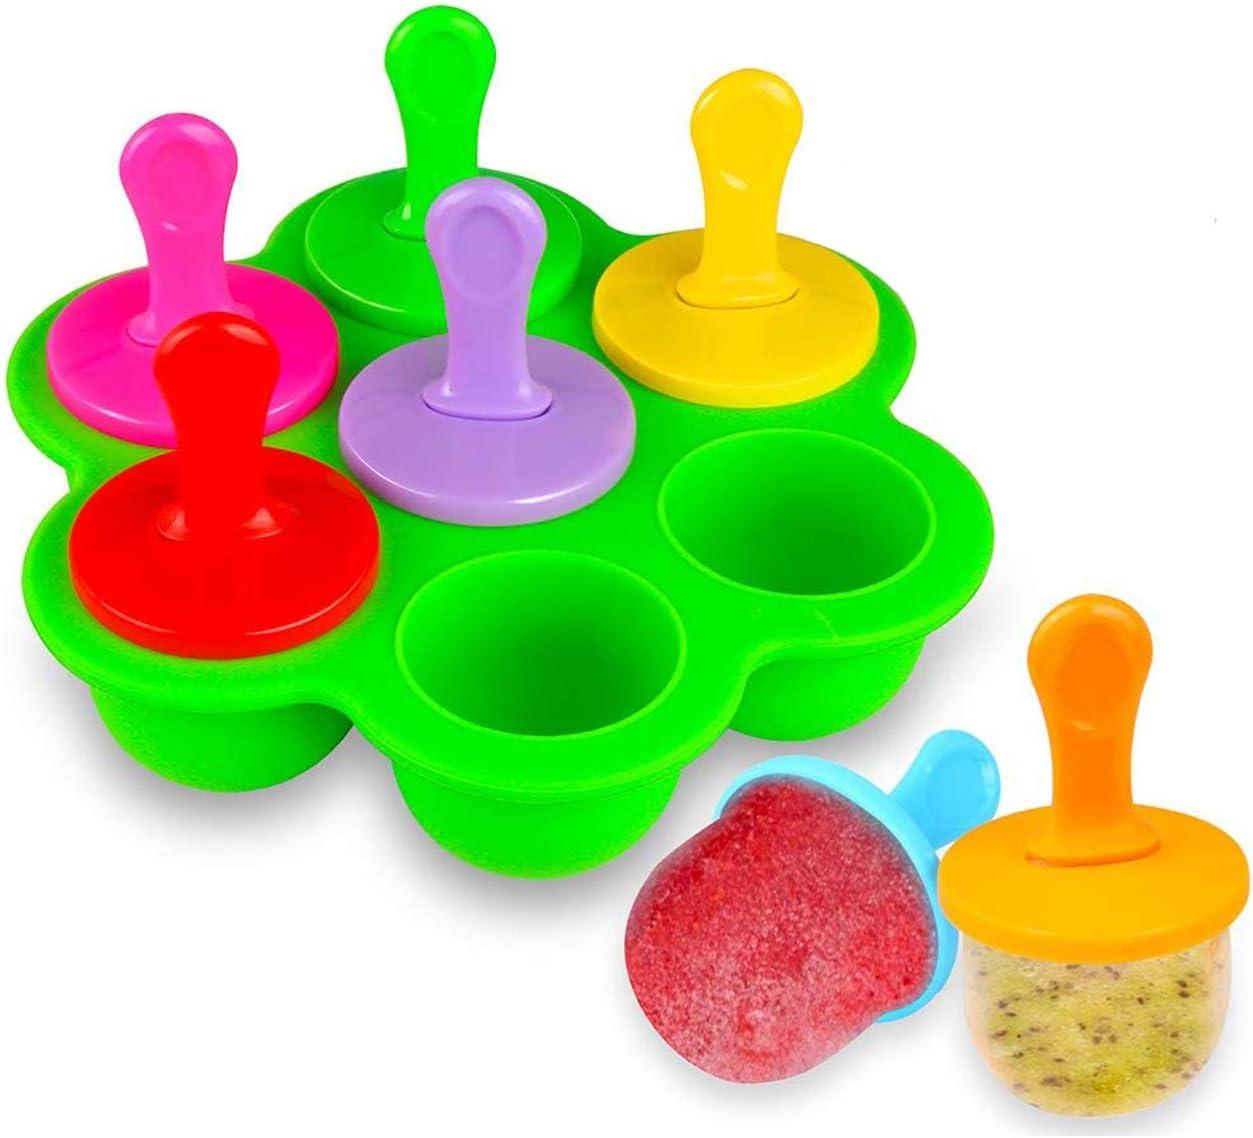 rosepartyh Stampi per Ghiaccioli Stampo in Silicone di Popsicle Ghiaccio Stampini Gelato Bambini Gelati Sorbetti Ice Pop Maker Verde Riutilizzabili Senza Bpa